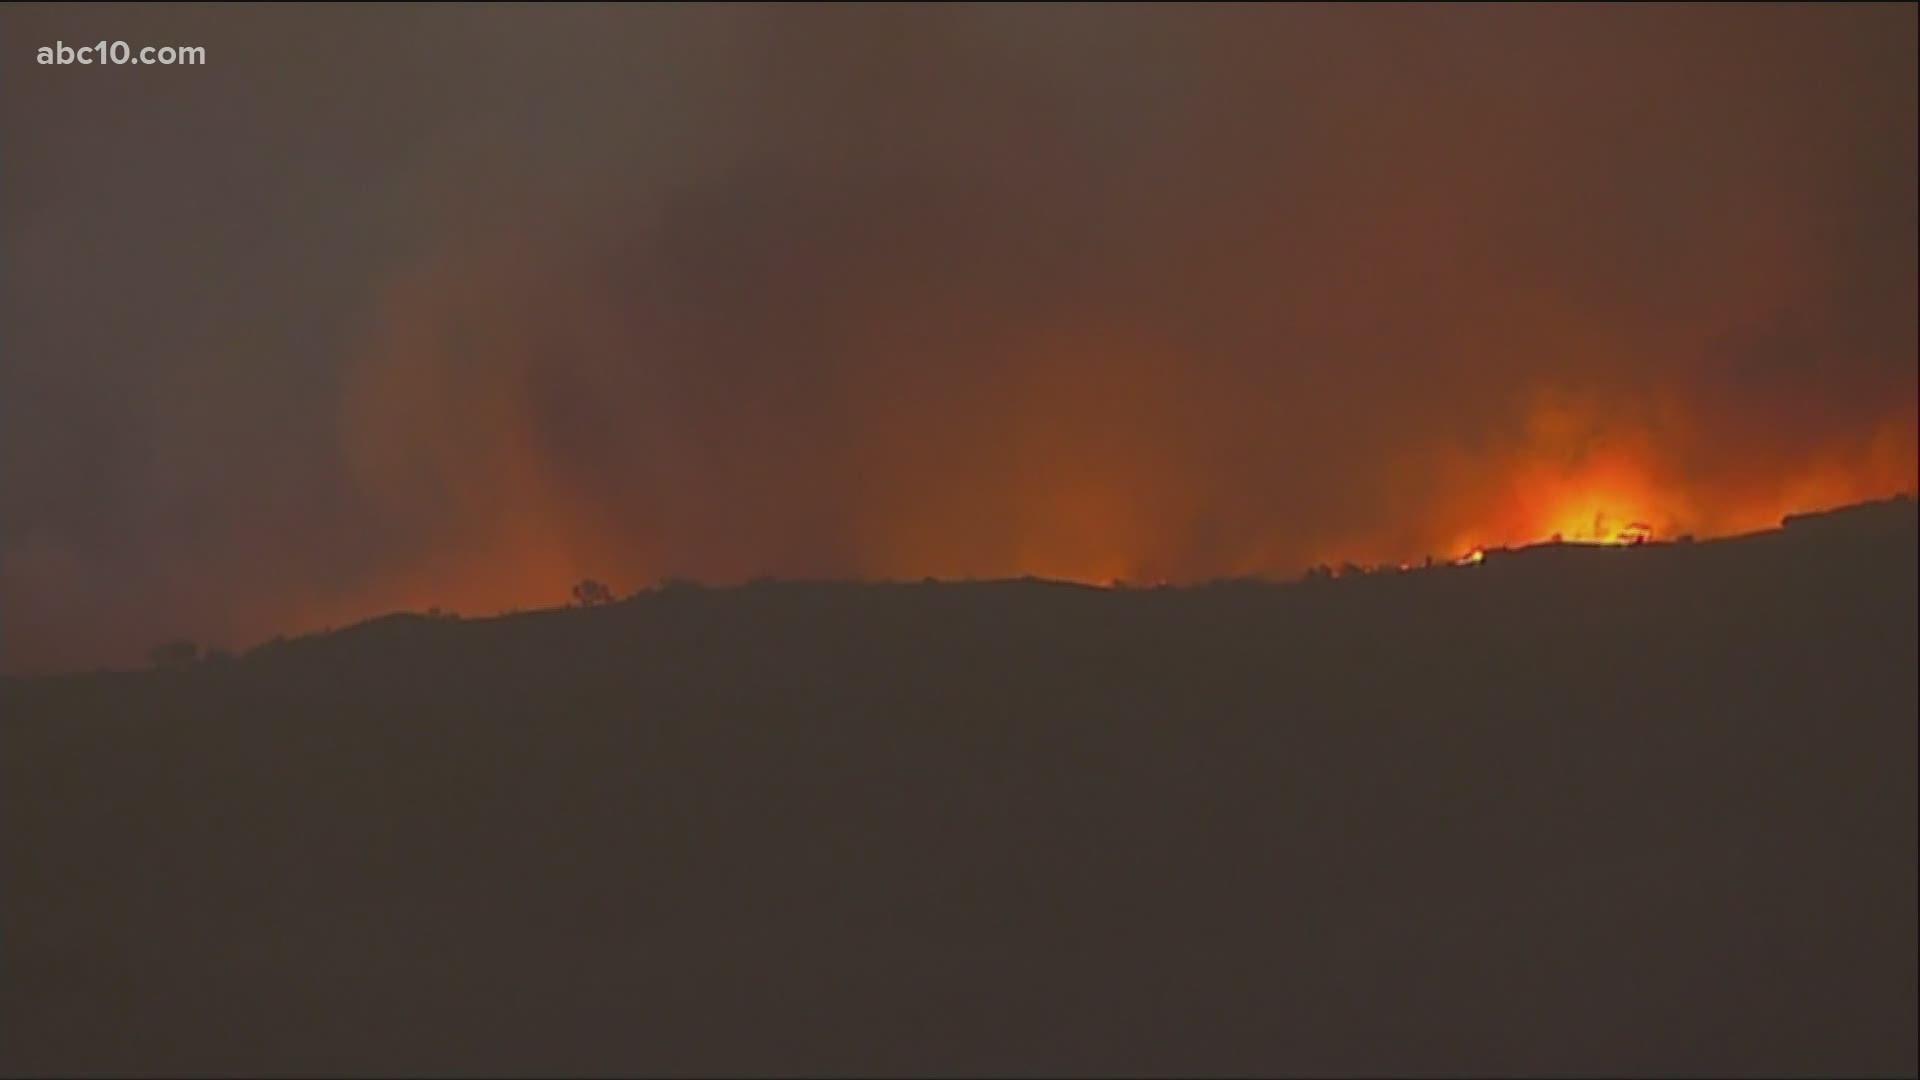 Orange County Bond Fire Live Maps Evacuations Road Closure Abc10 Com